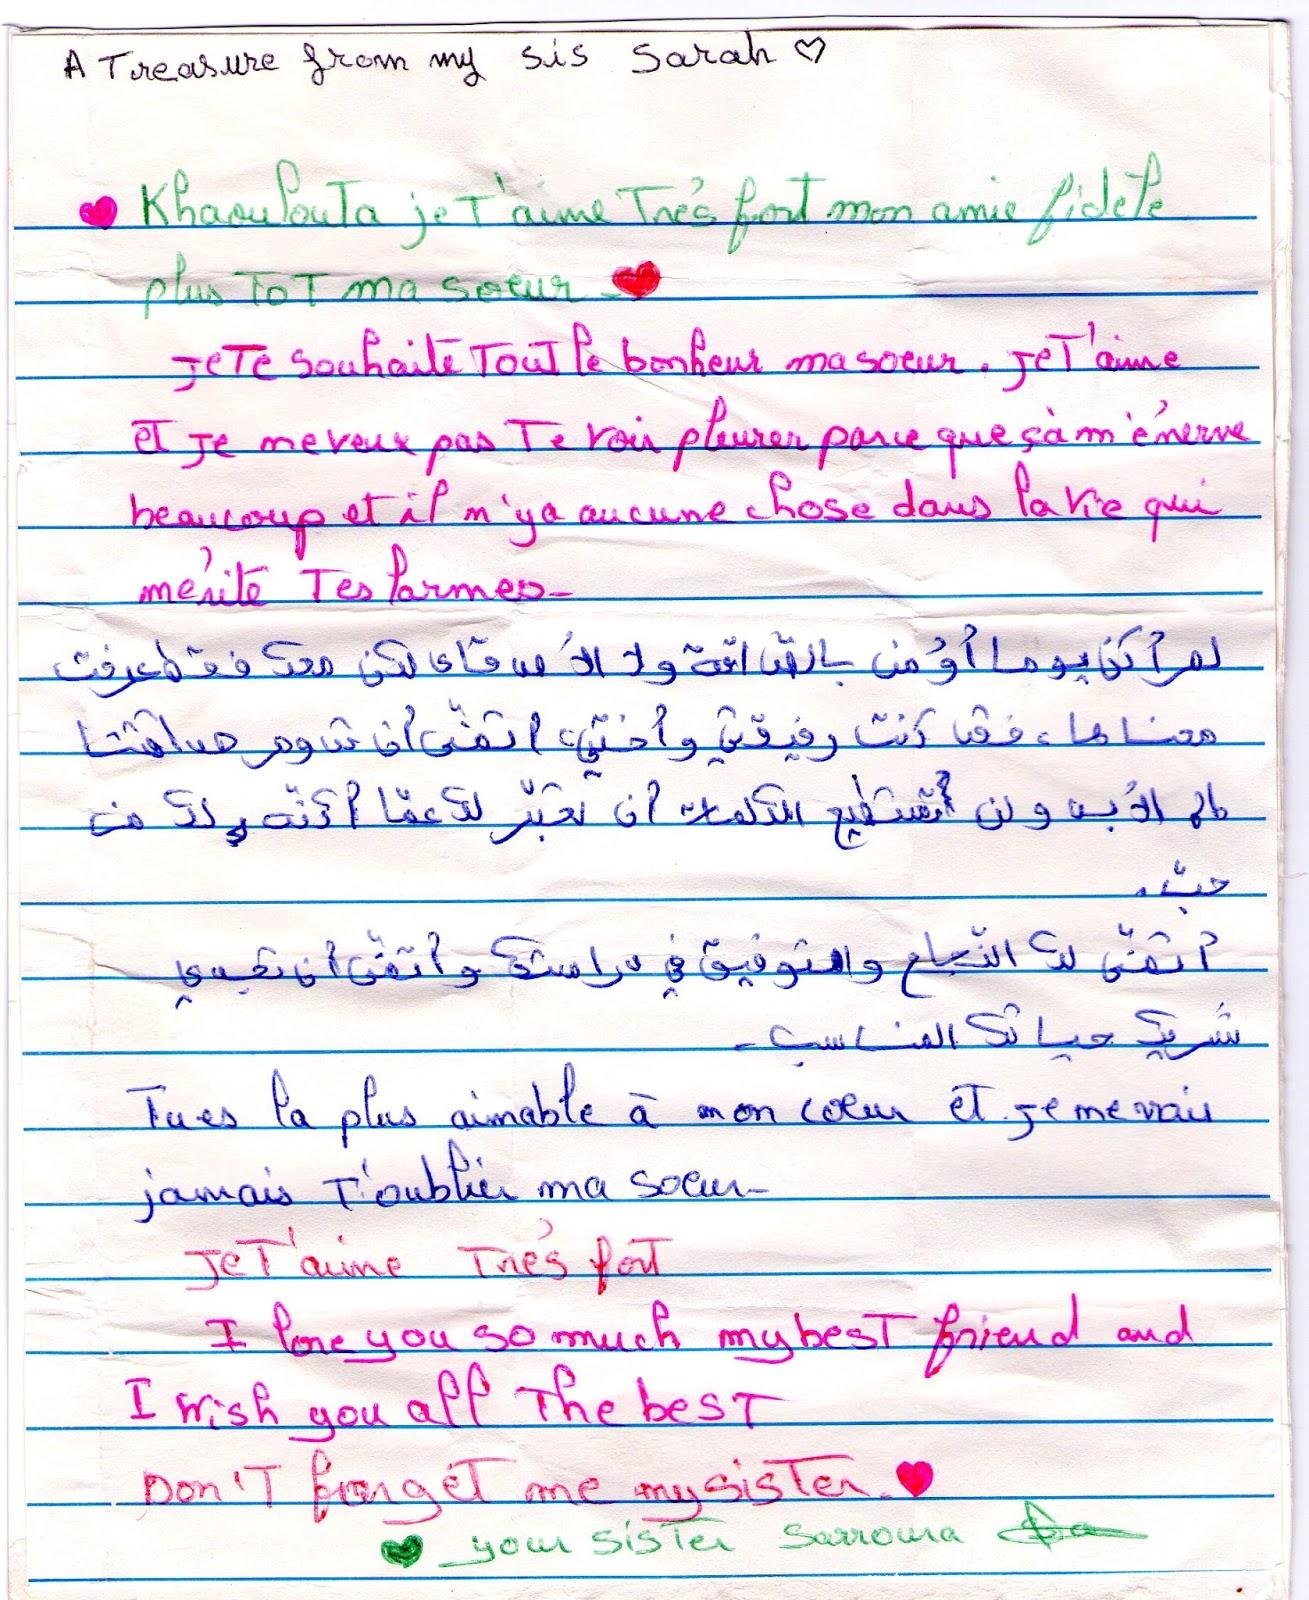 بالصور كتابة رسالة الى صديقتي في المدرسة , رساله الي صديقة طفولتي و مدرستي 952 8